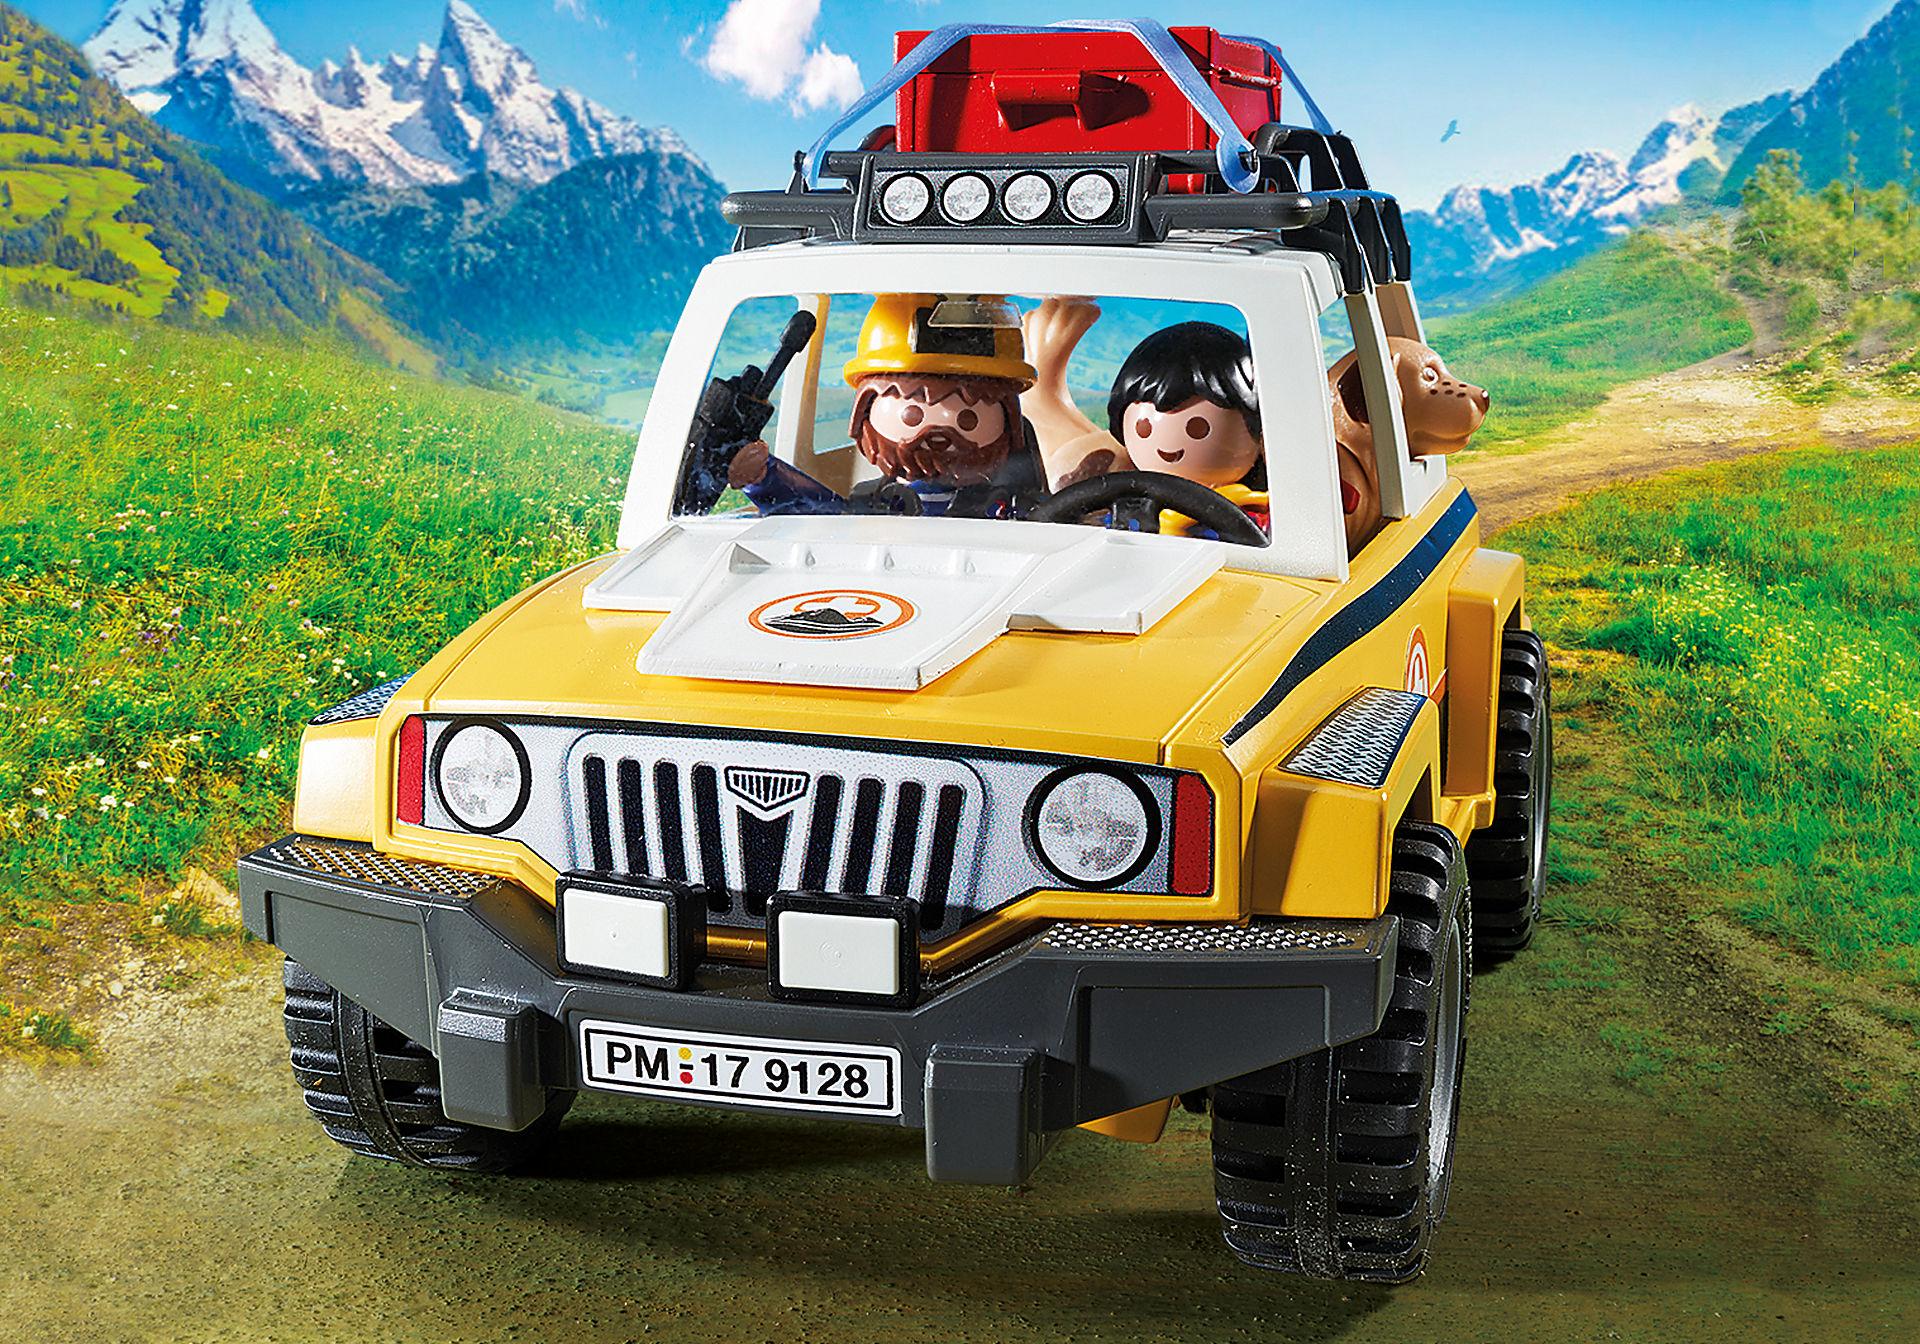 9128 Jeep soccorso alpino zoom image6